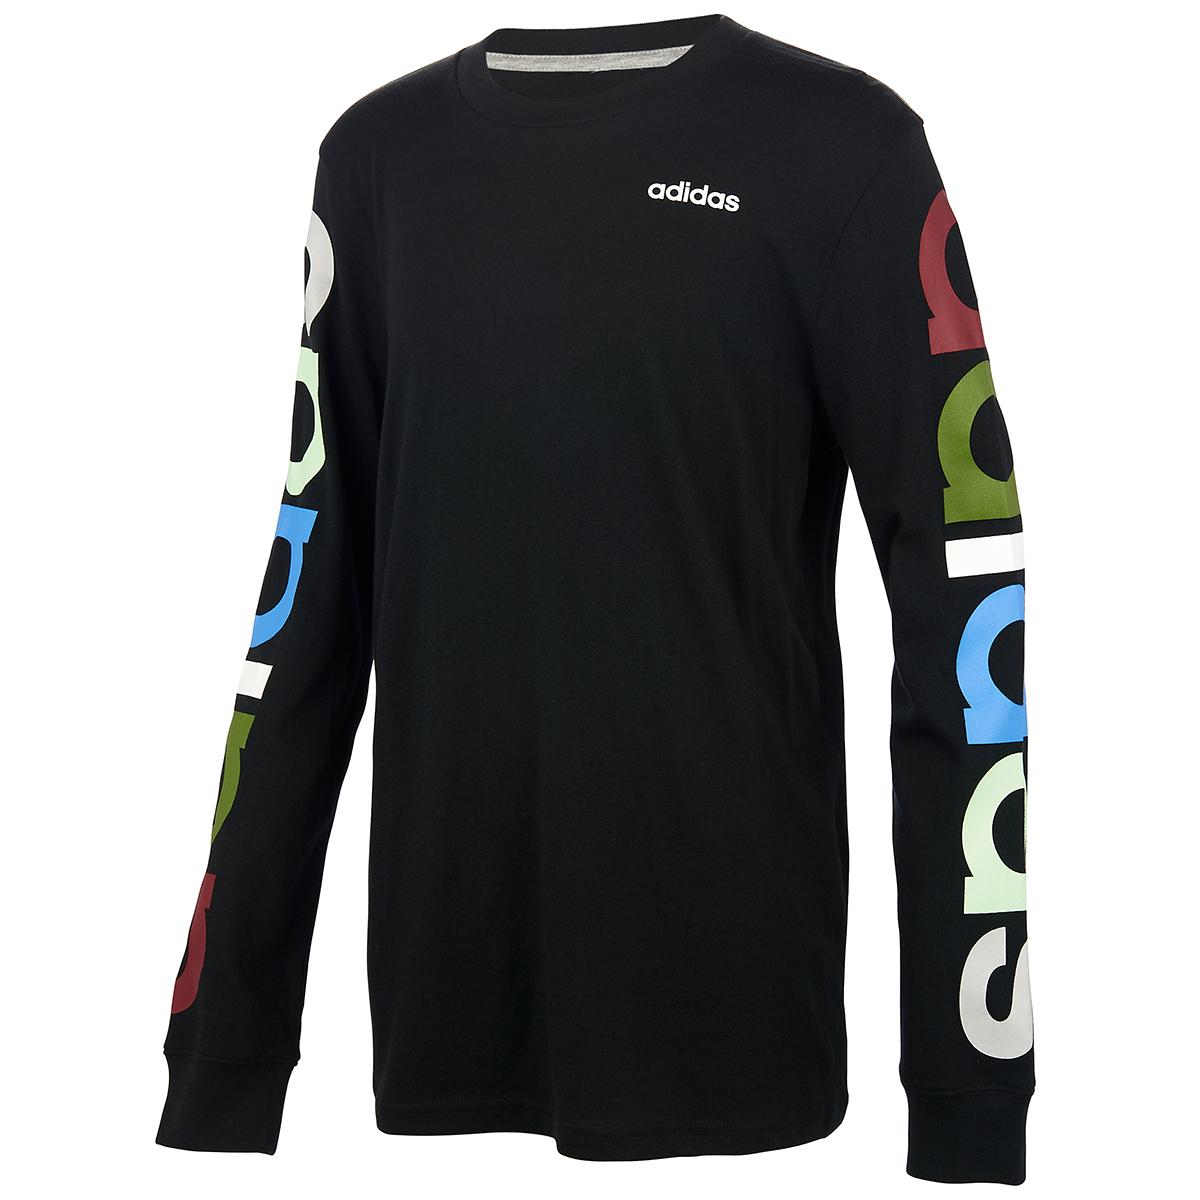 Adidas Boys' Linear Long-Sleeve Tee - Black, S